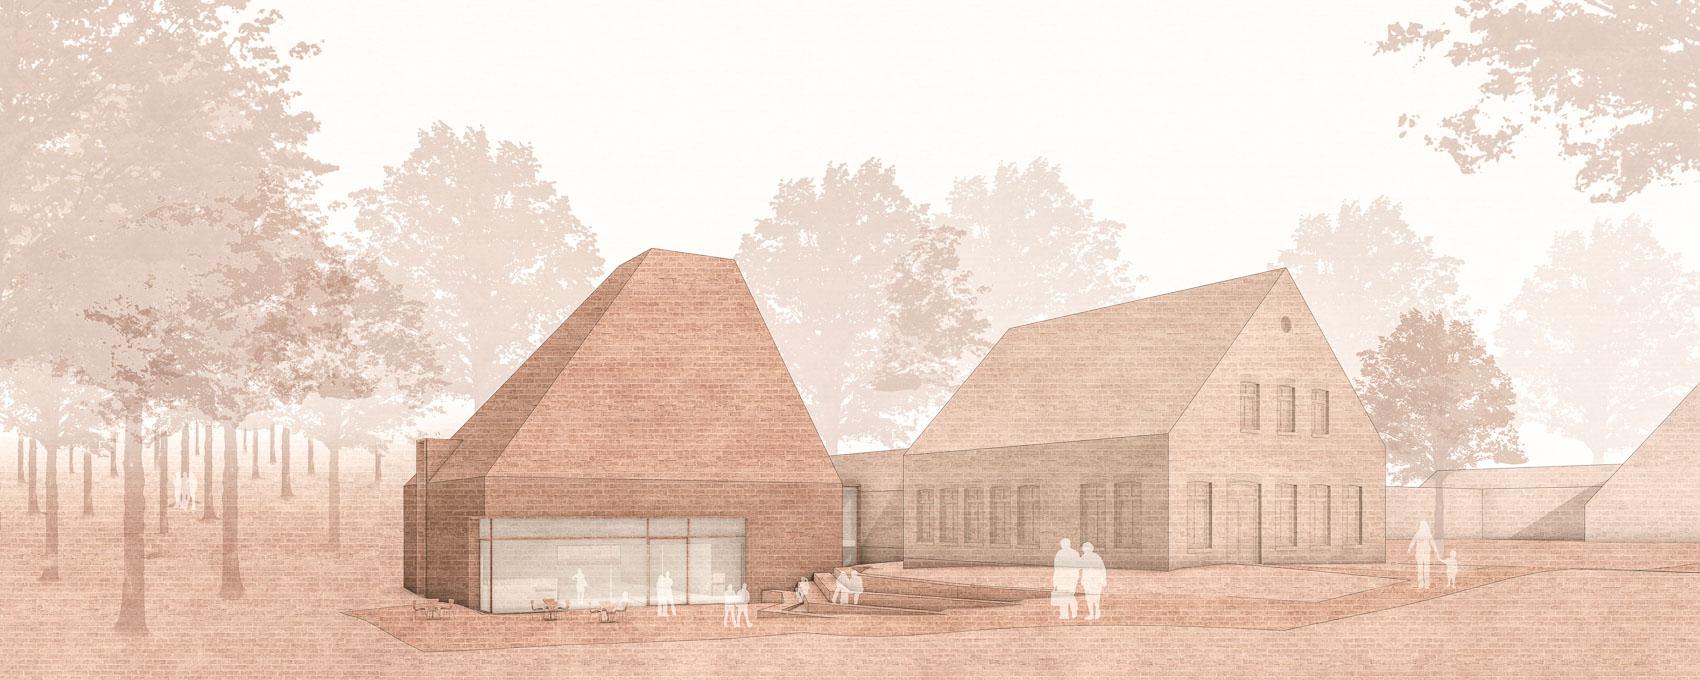 KUBIK Architektur - Studio für Architektur Berlin - architecture - Wettbewerb - Museum - Syke - Perspektive